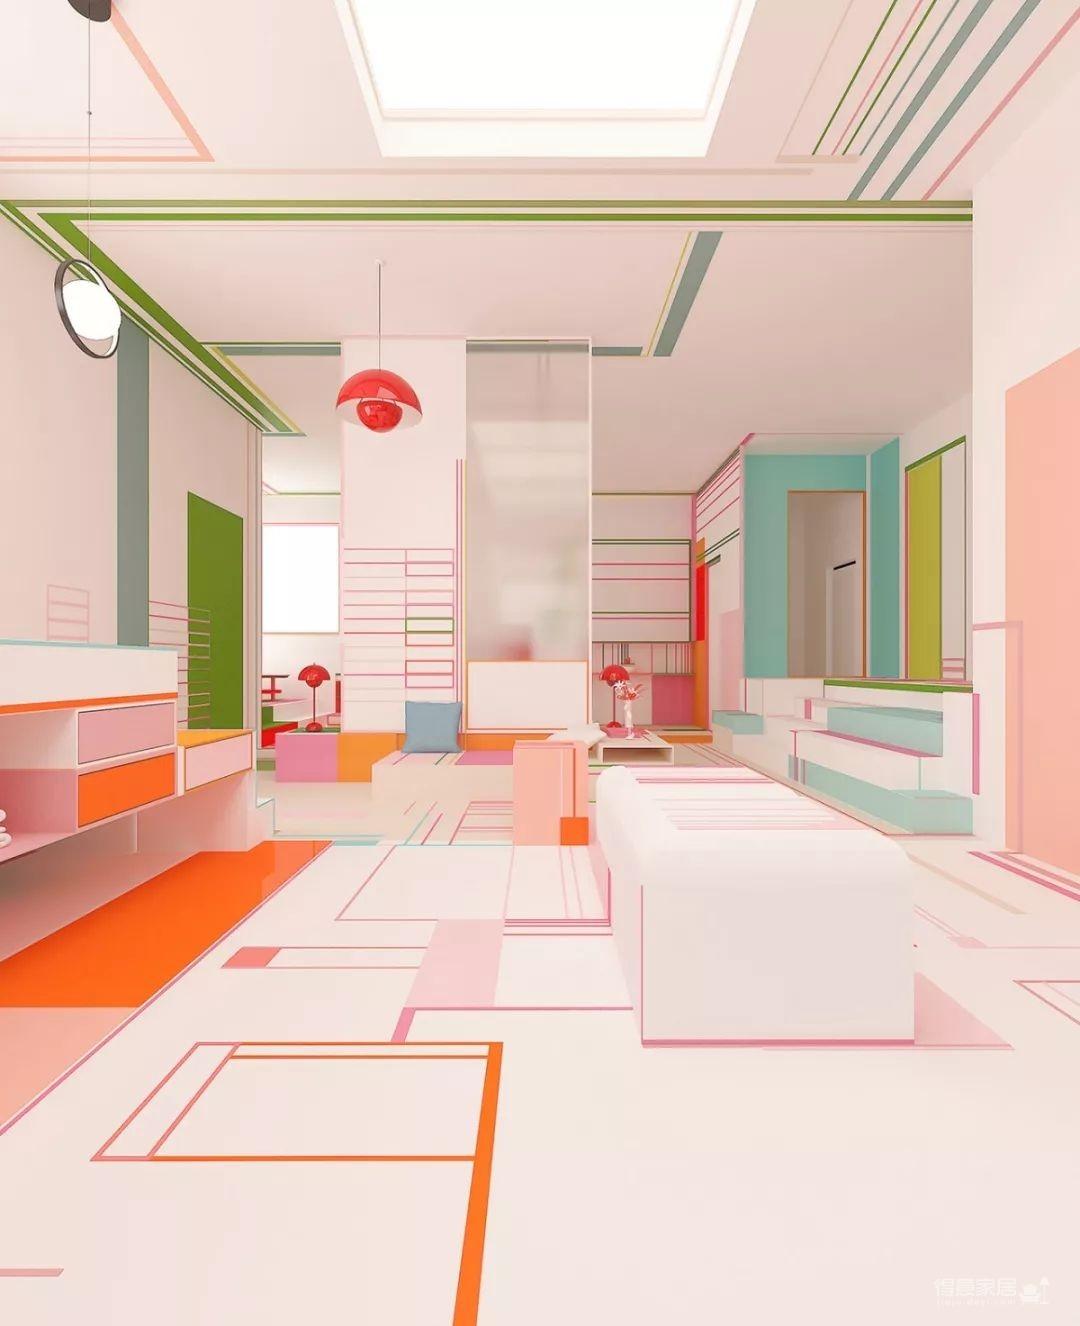 粉色湖水系,会呼吸的房子图_4